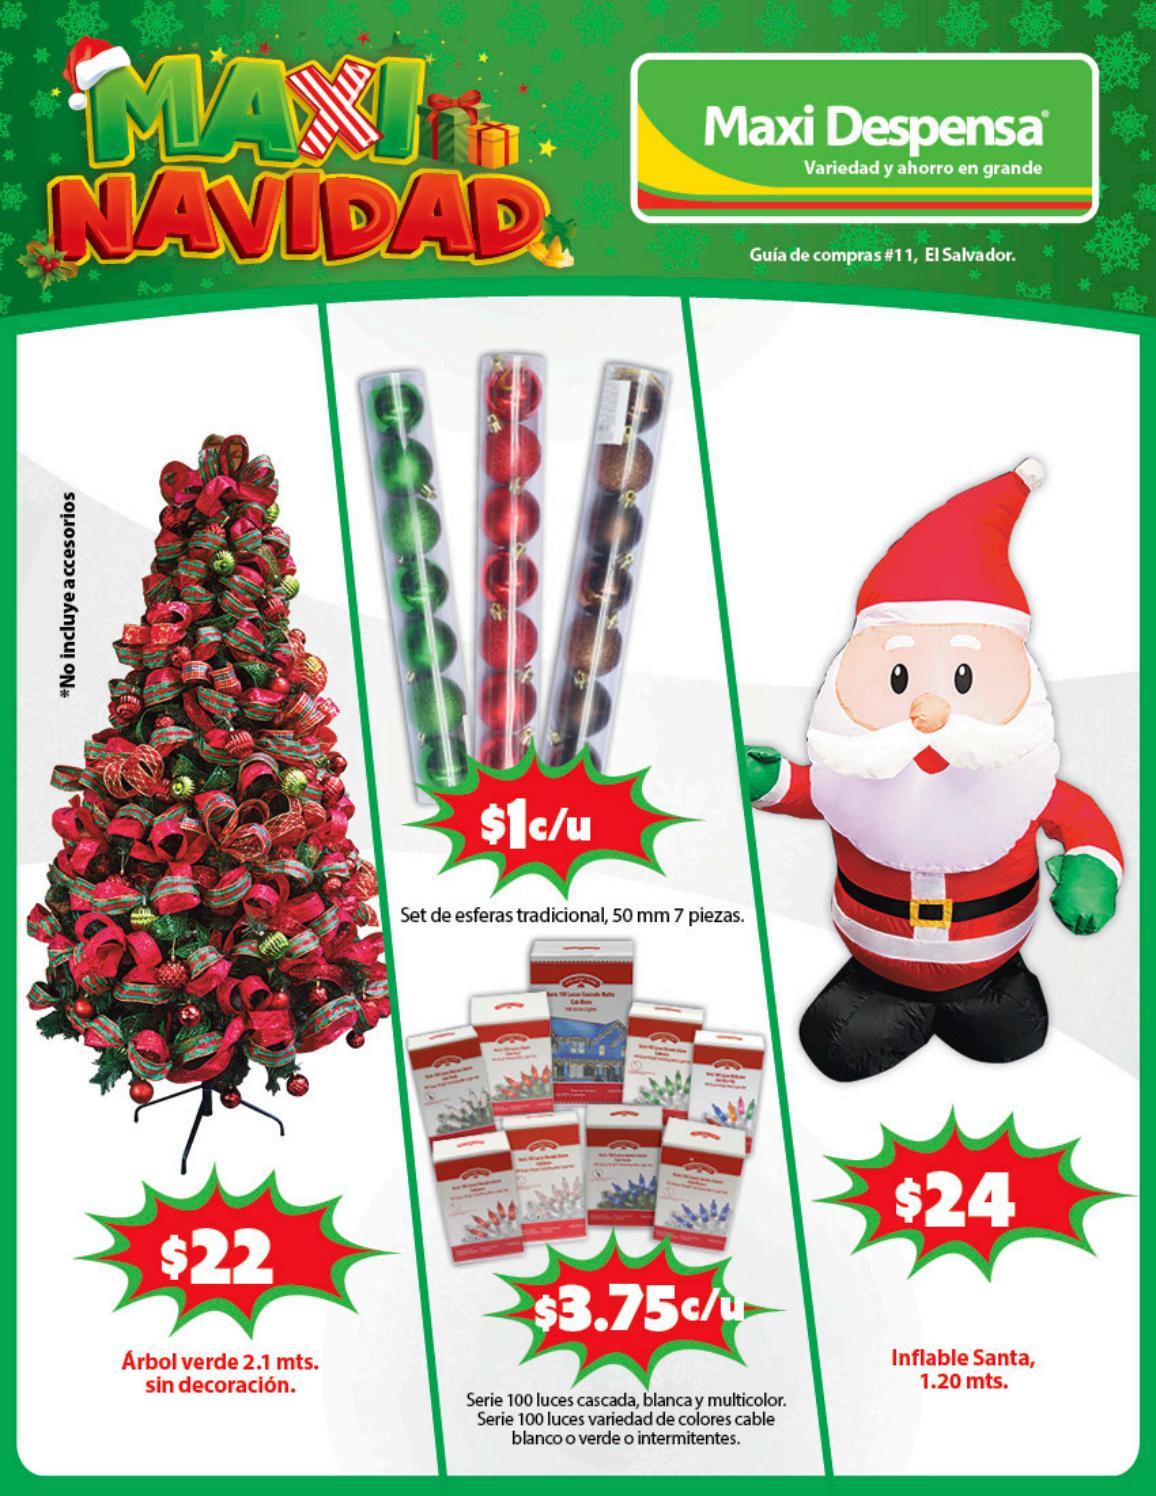 Maxi despensa el salvador catalogo de prodcutos navideños 2017